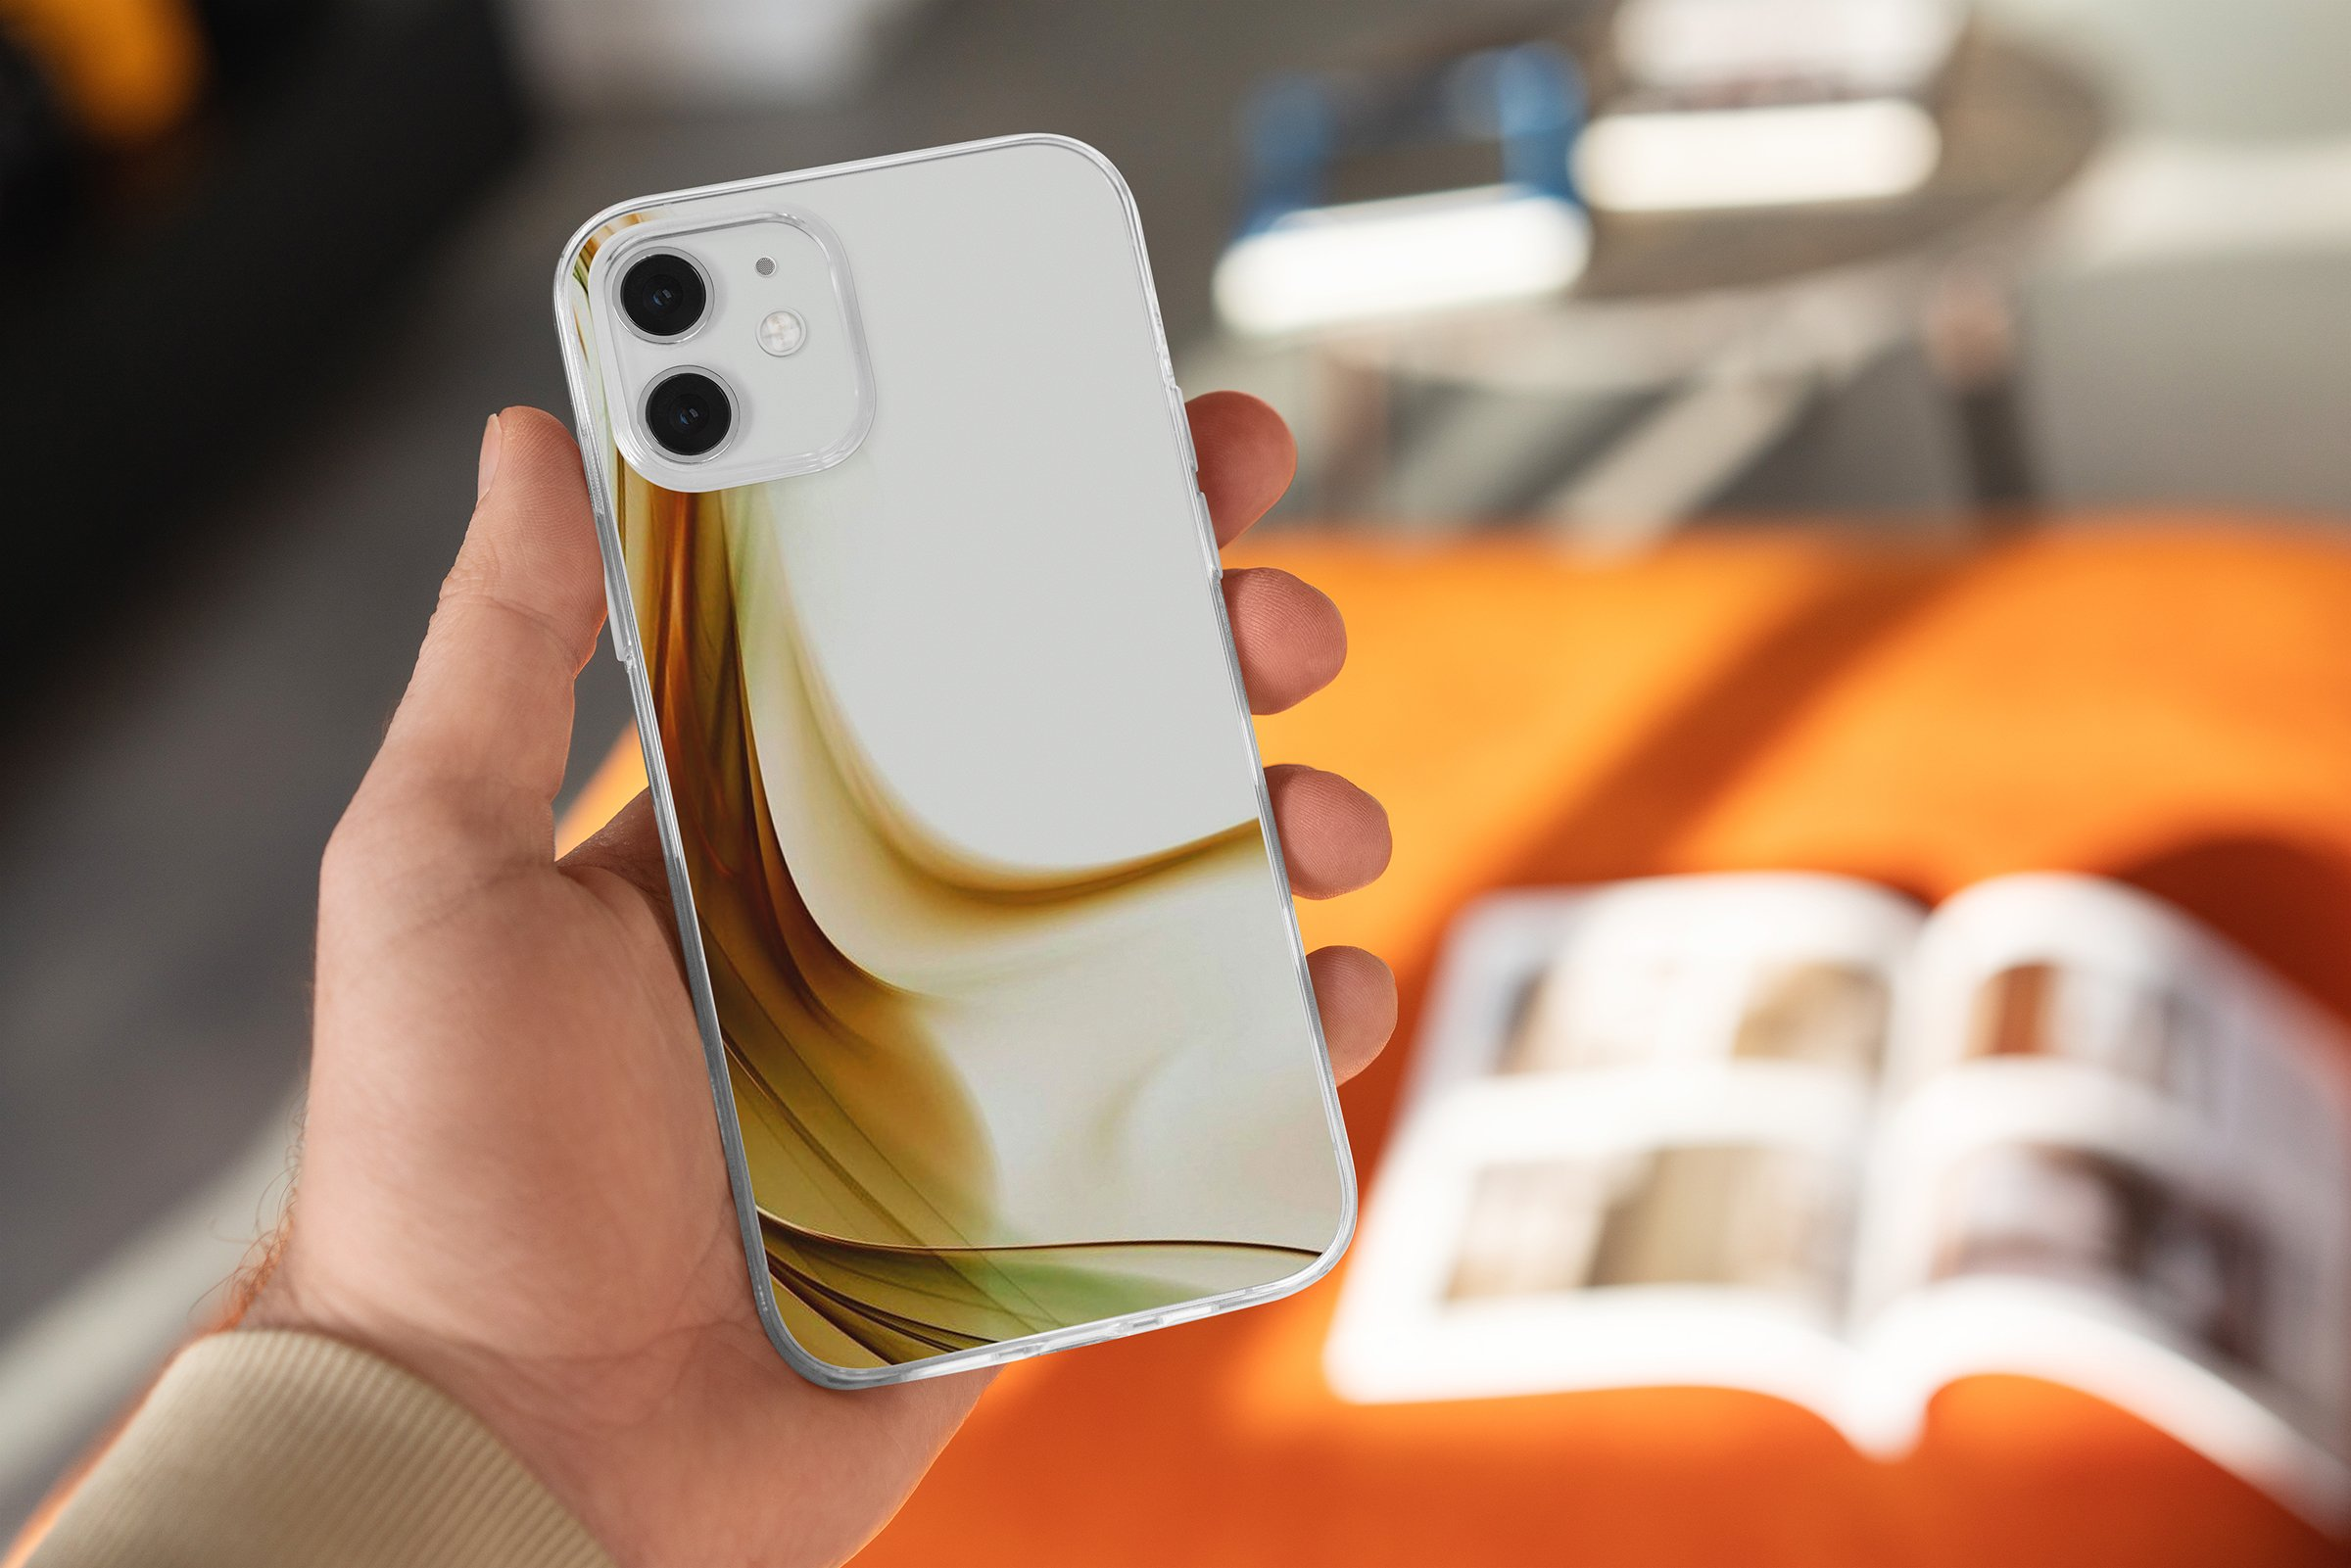 15款时尚苹果iPhone 12手机保护壳设计PS智能贴图样机模板 iPhone 12 Clear Case MockUp Vol.2插图6